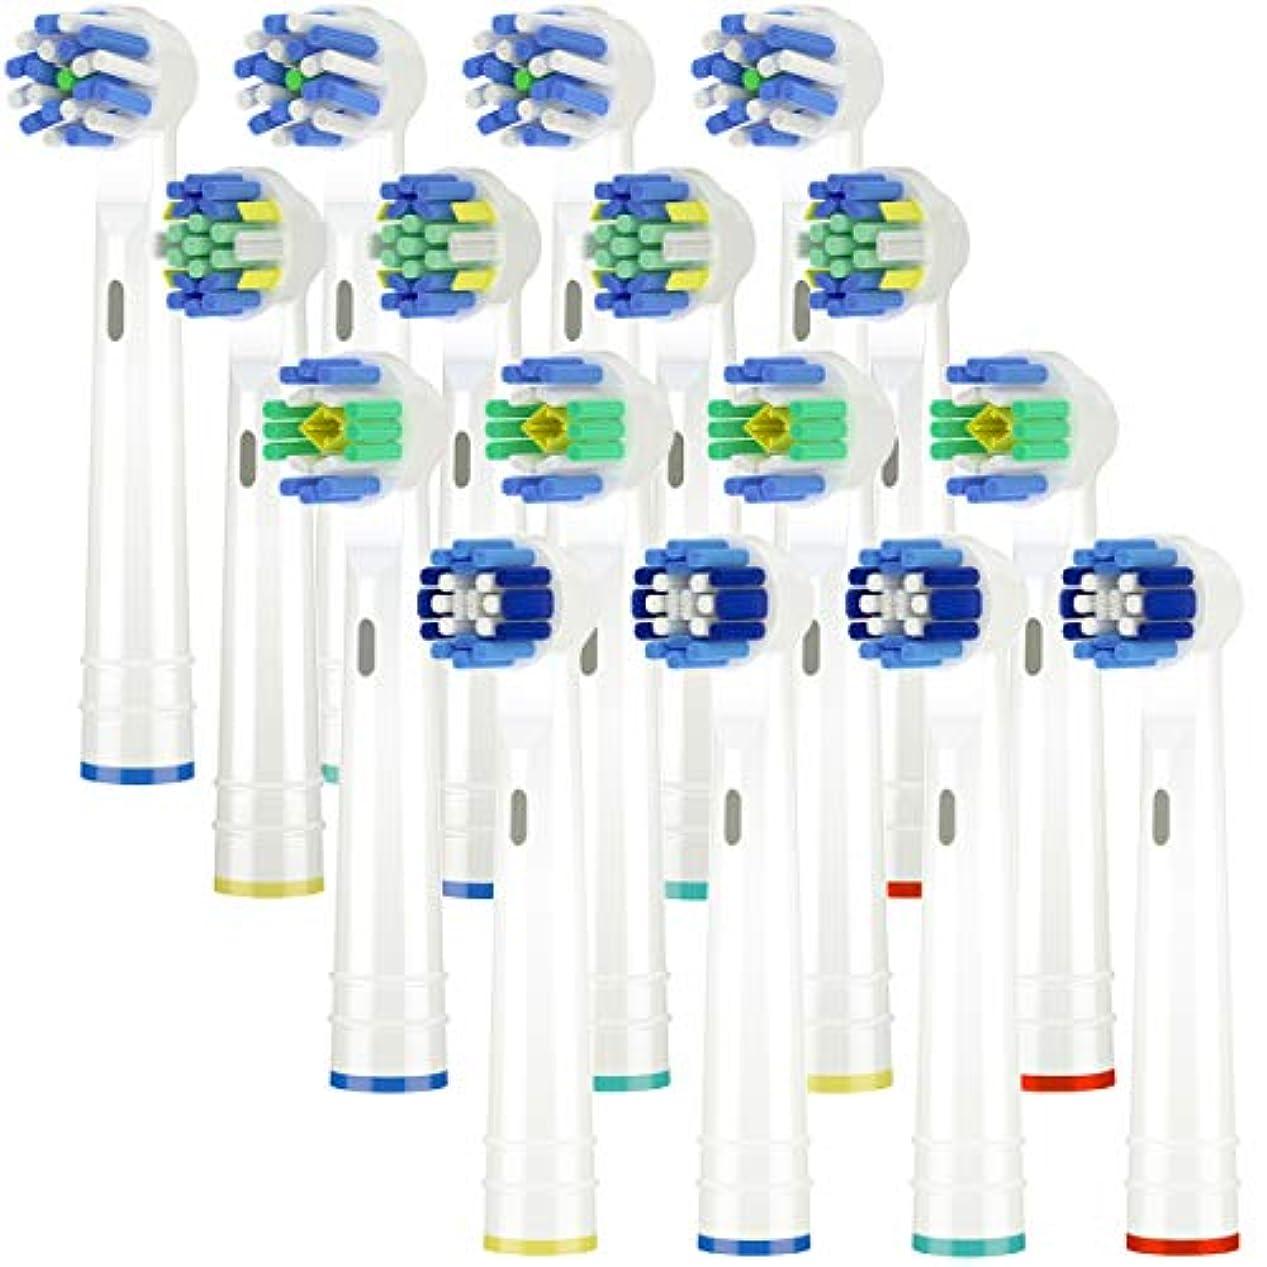 神学校情熱郵便番号Itechnik 電動歯ブラシ 替えブラシ ブラウン オーラルB 対応 替えブラシ 4種類が入り:ホワイトニングブラシ 、ベーシックブラシ、歯間ワイパー付きブラシ、マルチアクションブラシ 凡用な16本